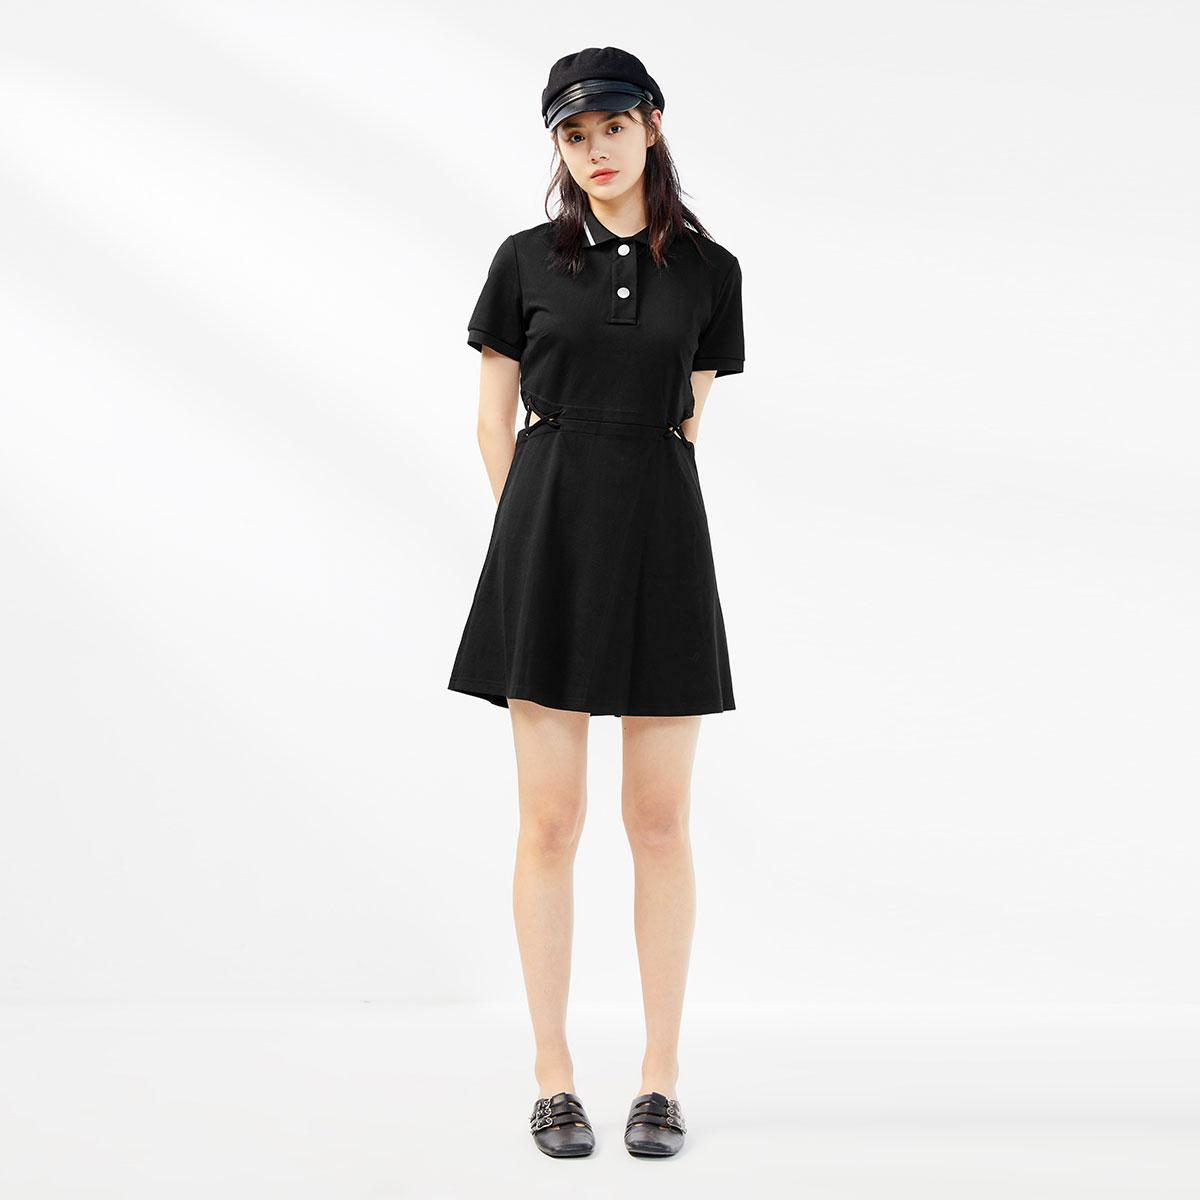 太平鸟黑色POLO领法式复古连衣裙2020春夏季新短袖气质显瘦连身裙